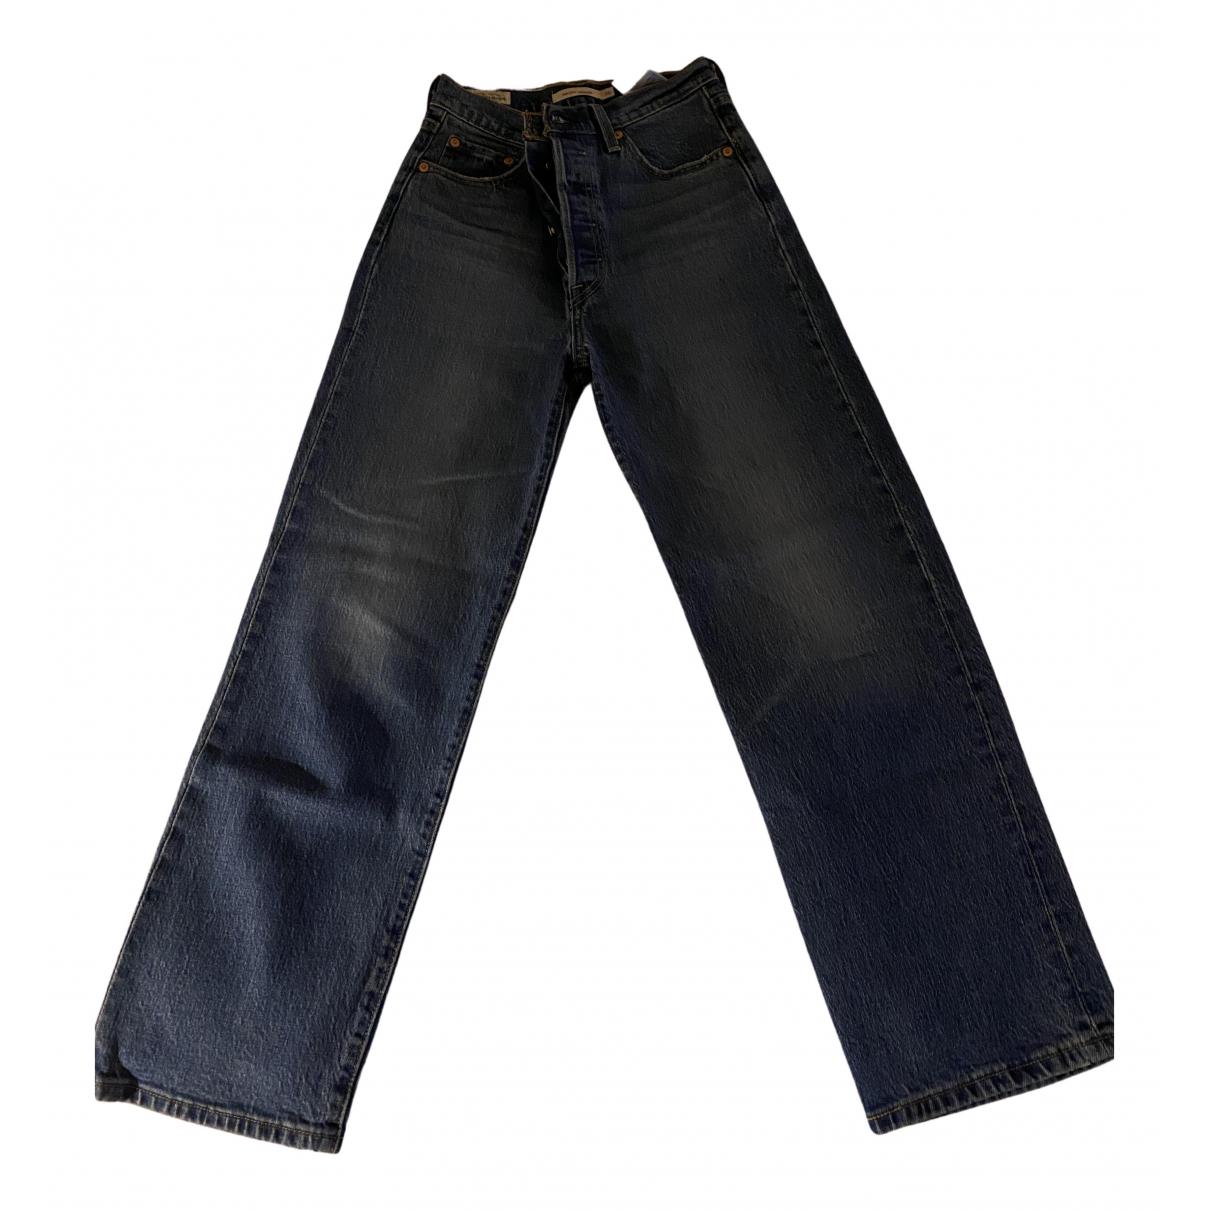 Levi's 501 Denim - Jeans Jeans for Women 26 US